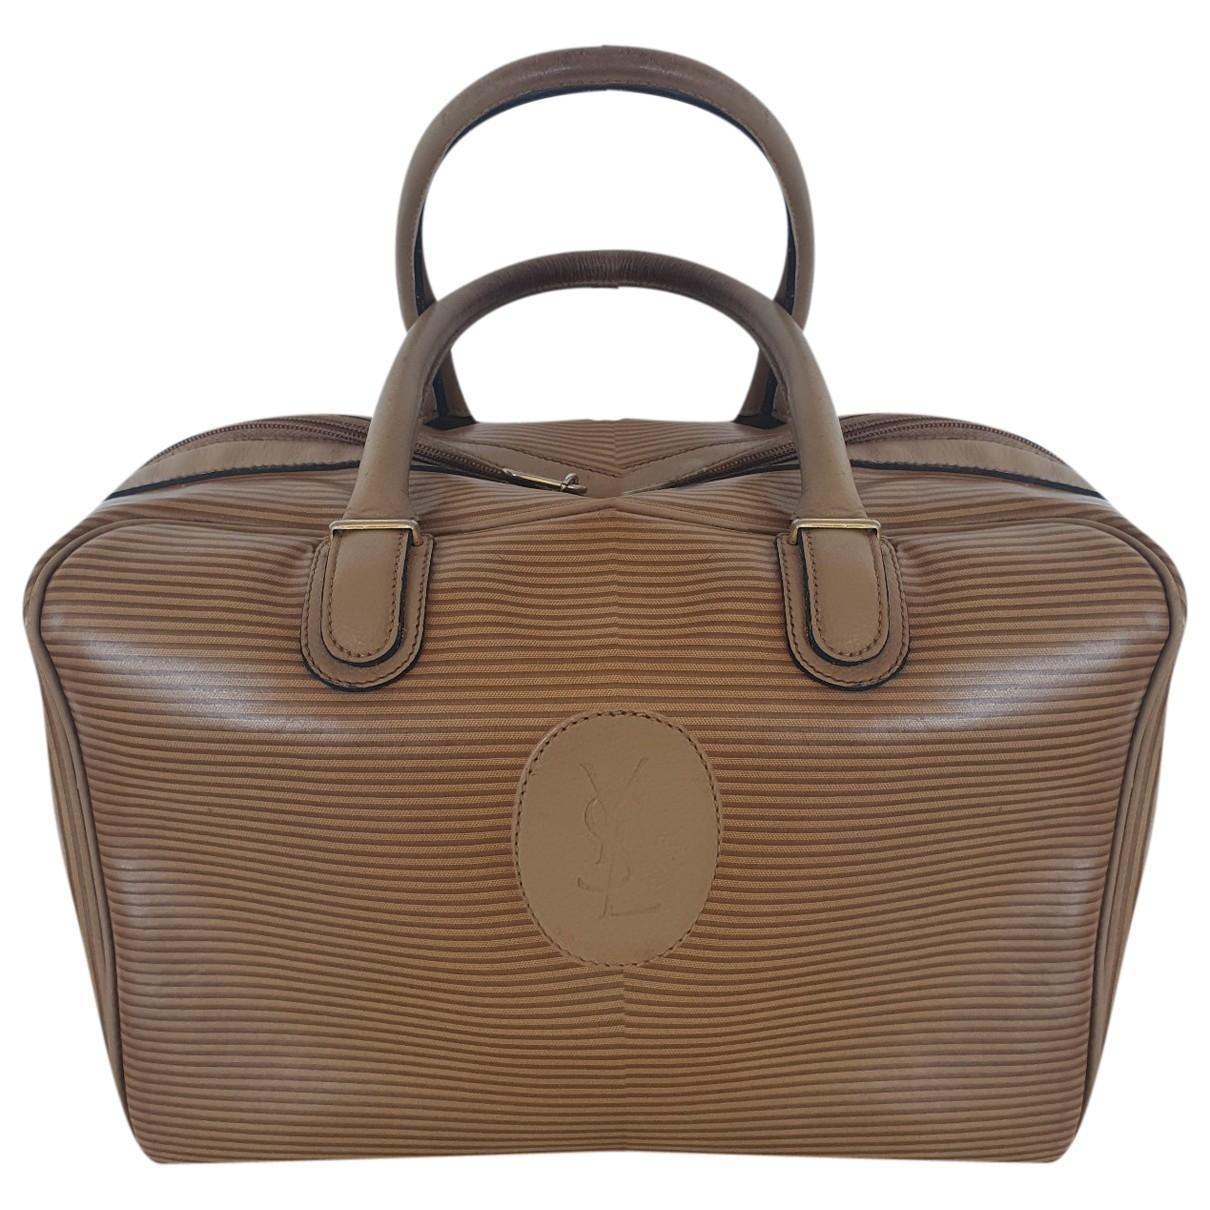 Yves Saint Laurent \N Khaki Cloth handbag for Women \N